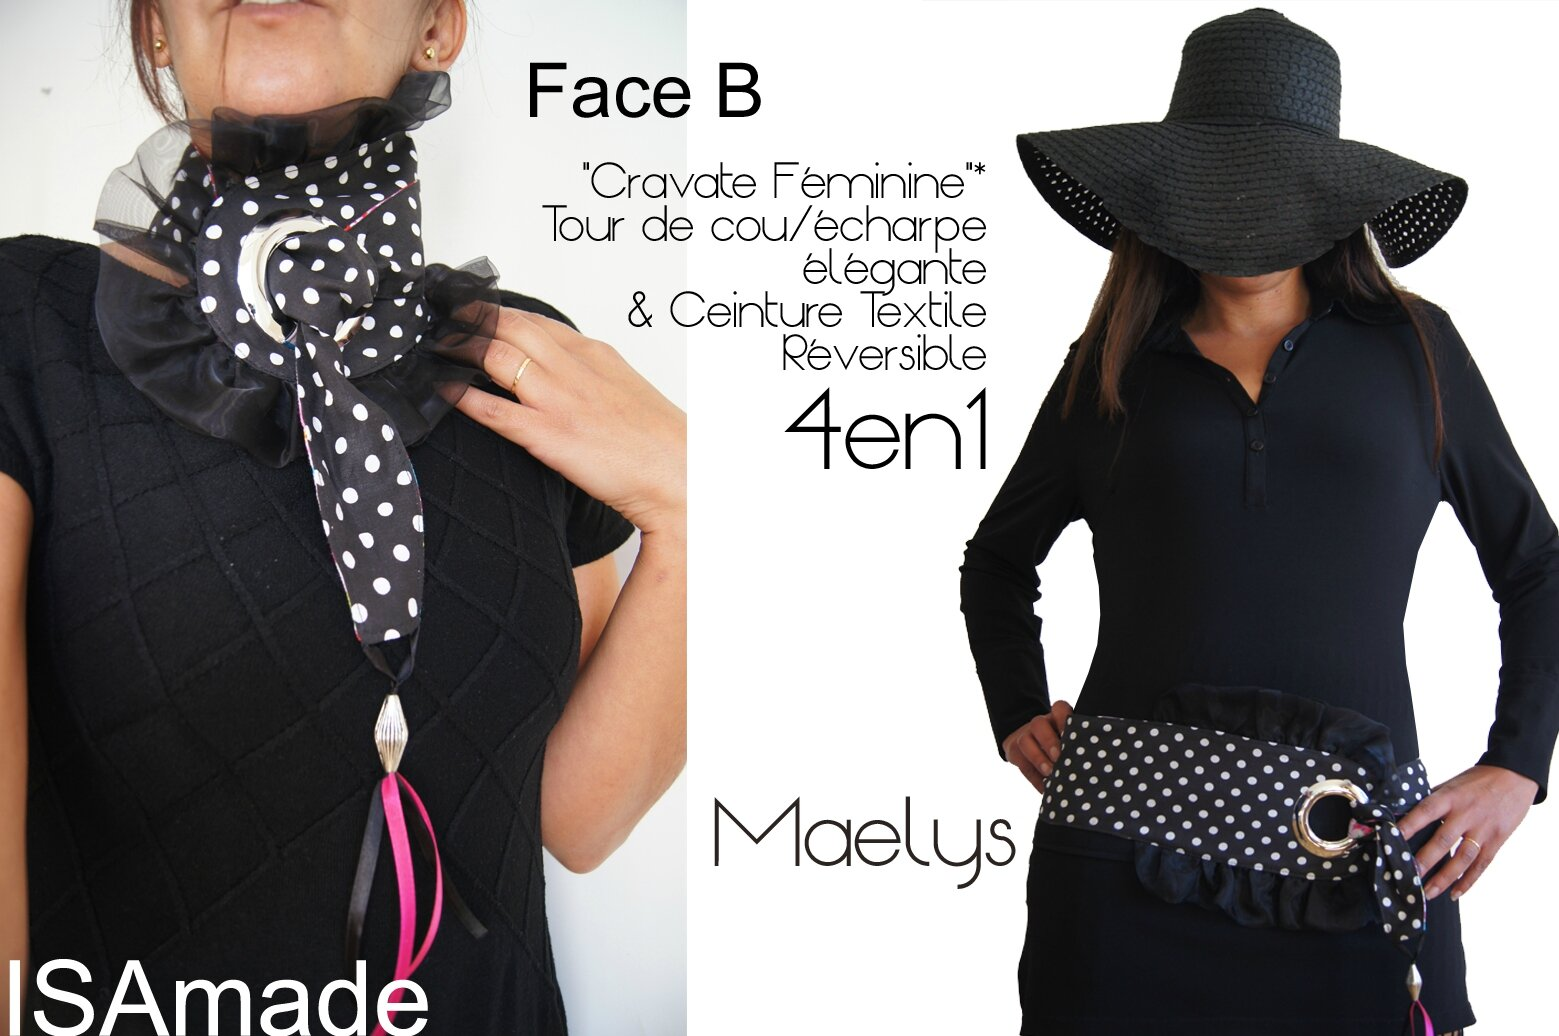 Cravate/ tour de Cou & Ceinture Reversible et transformable : Imprimé fleurs et pois noir/ blanc volant organza noir